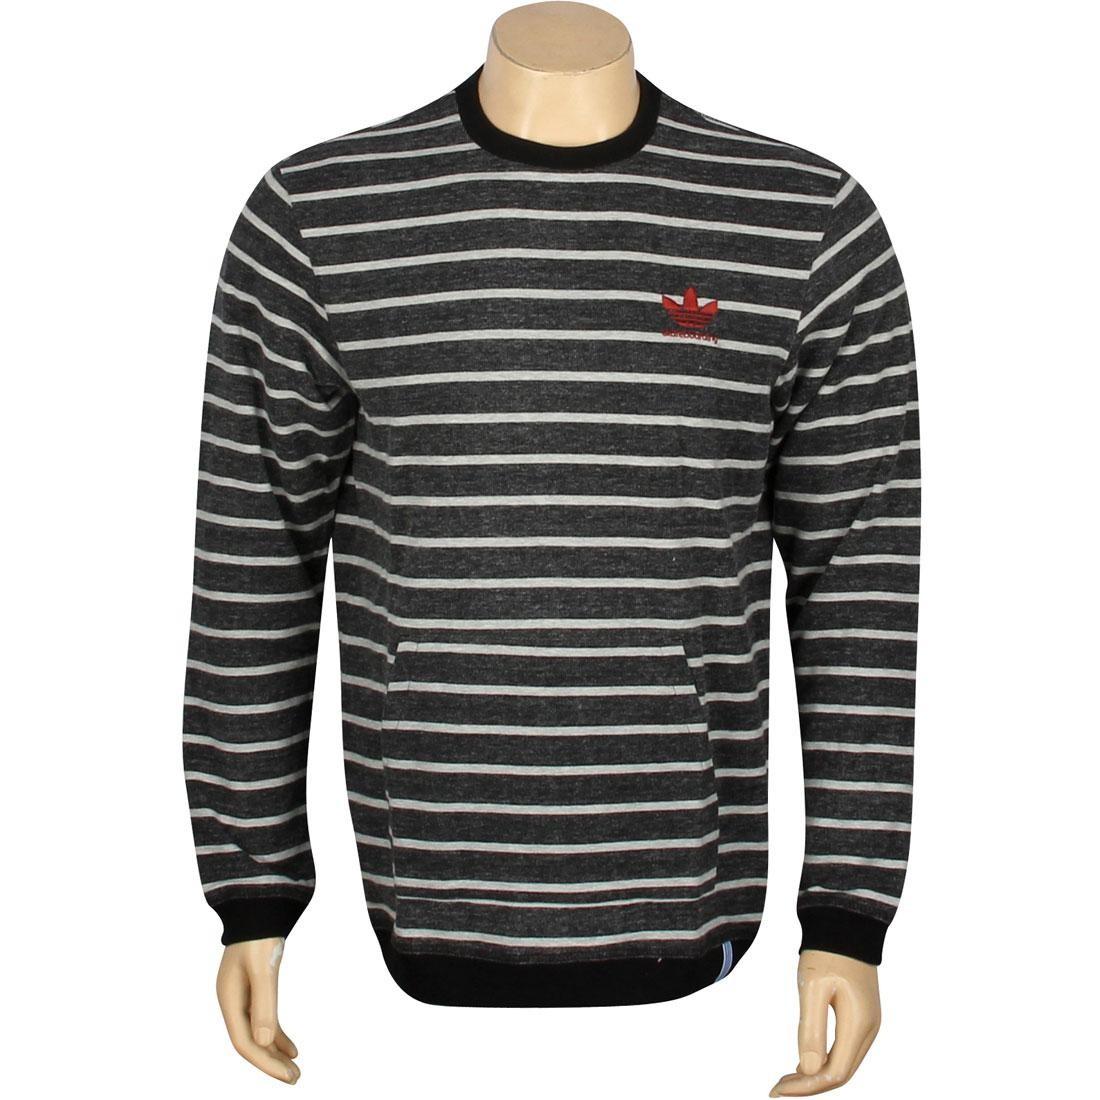 アディダス ADIDAS メンズファッション トップス Tシャツ カットソー メンズ 【 Sport Crew Sweater (black / Megrhe) 】 Black / Megrhe